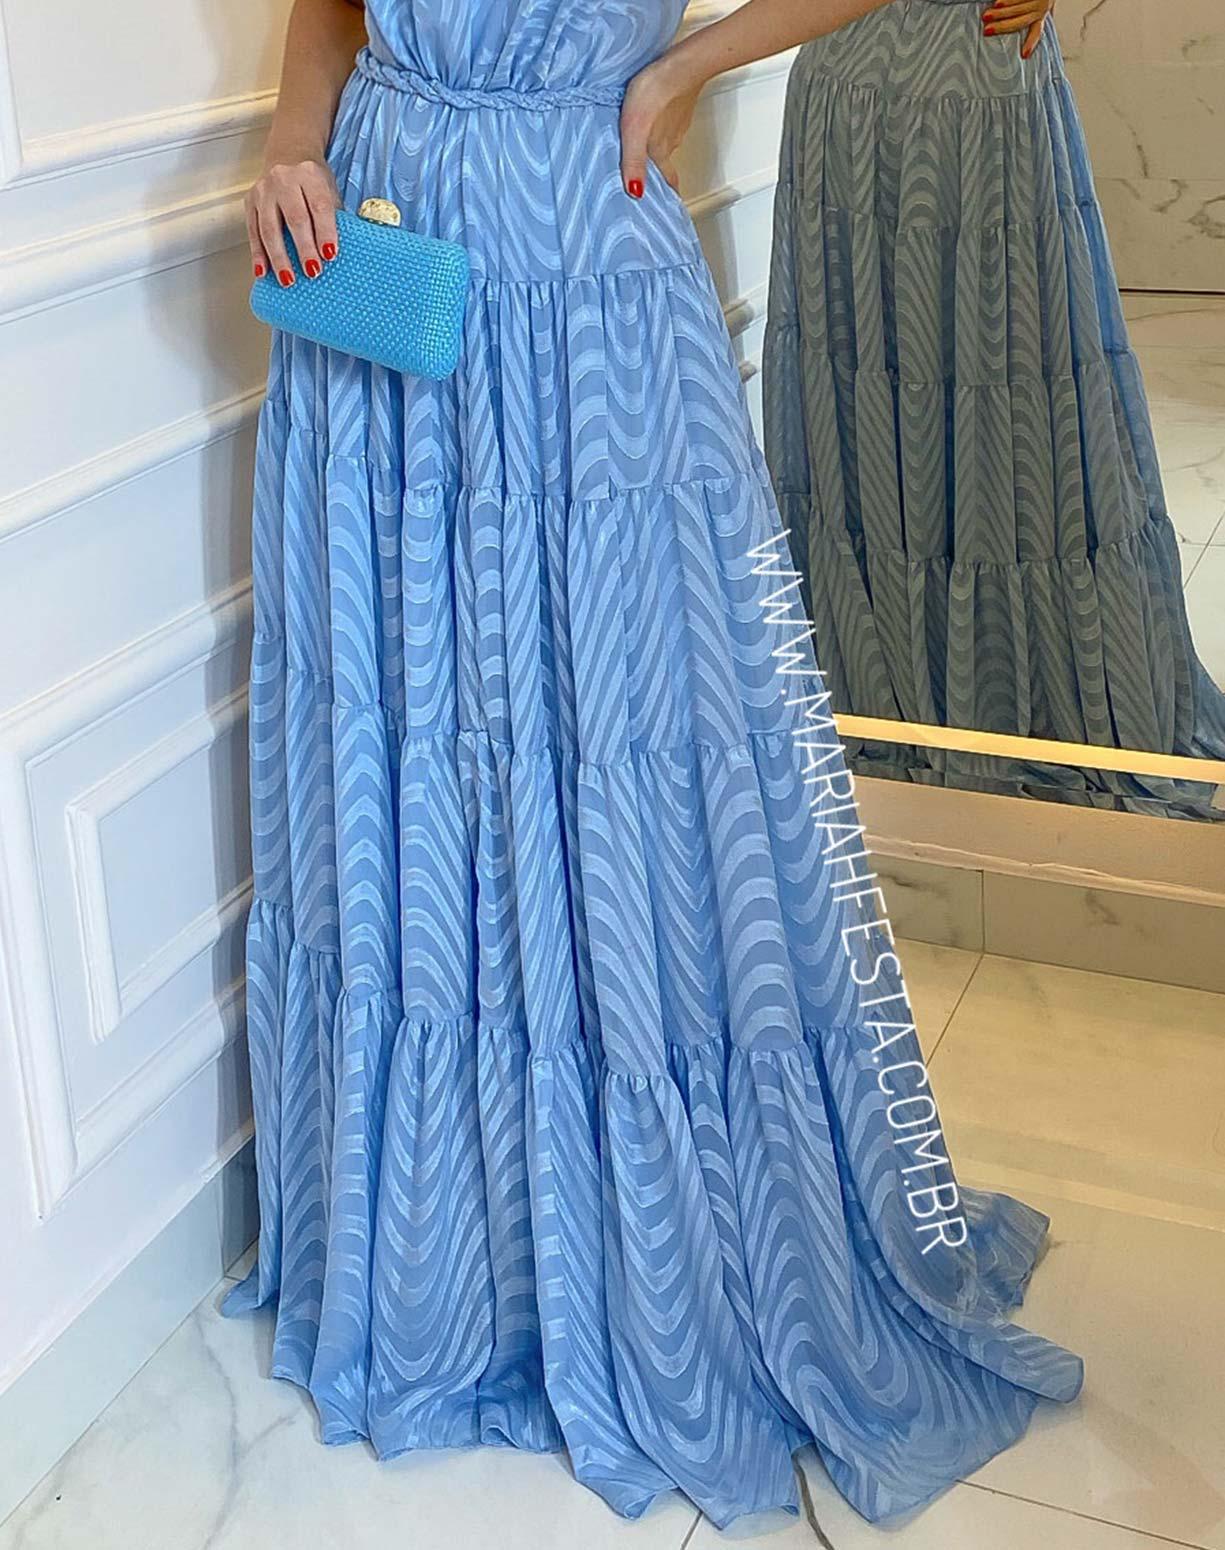 Vestido Azul Serenity em Musseline Texturizado com Decote nas Costas